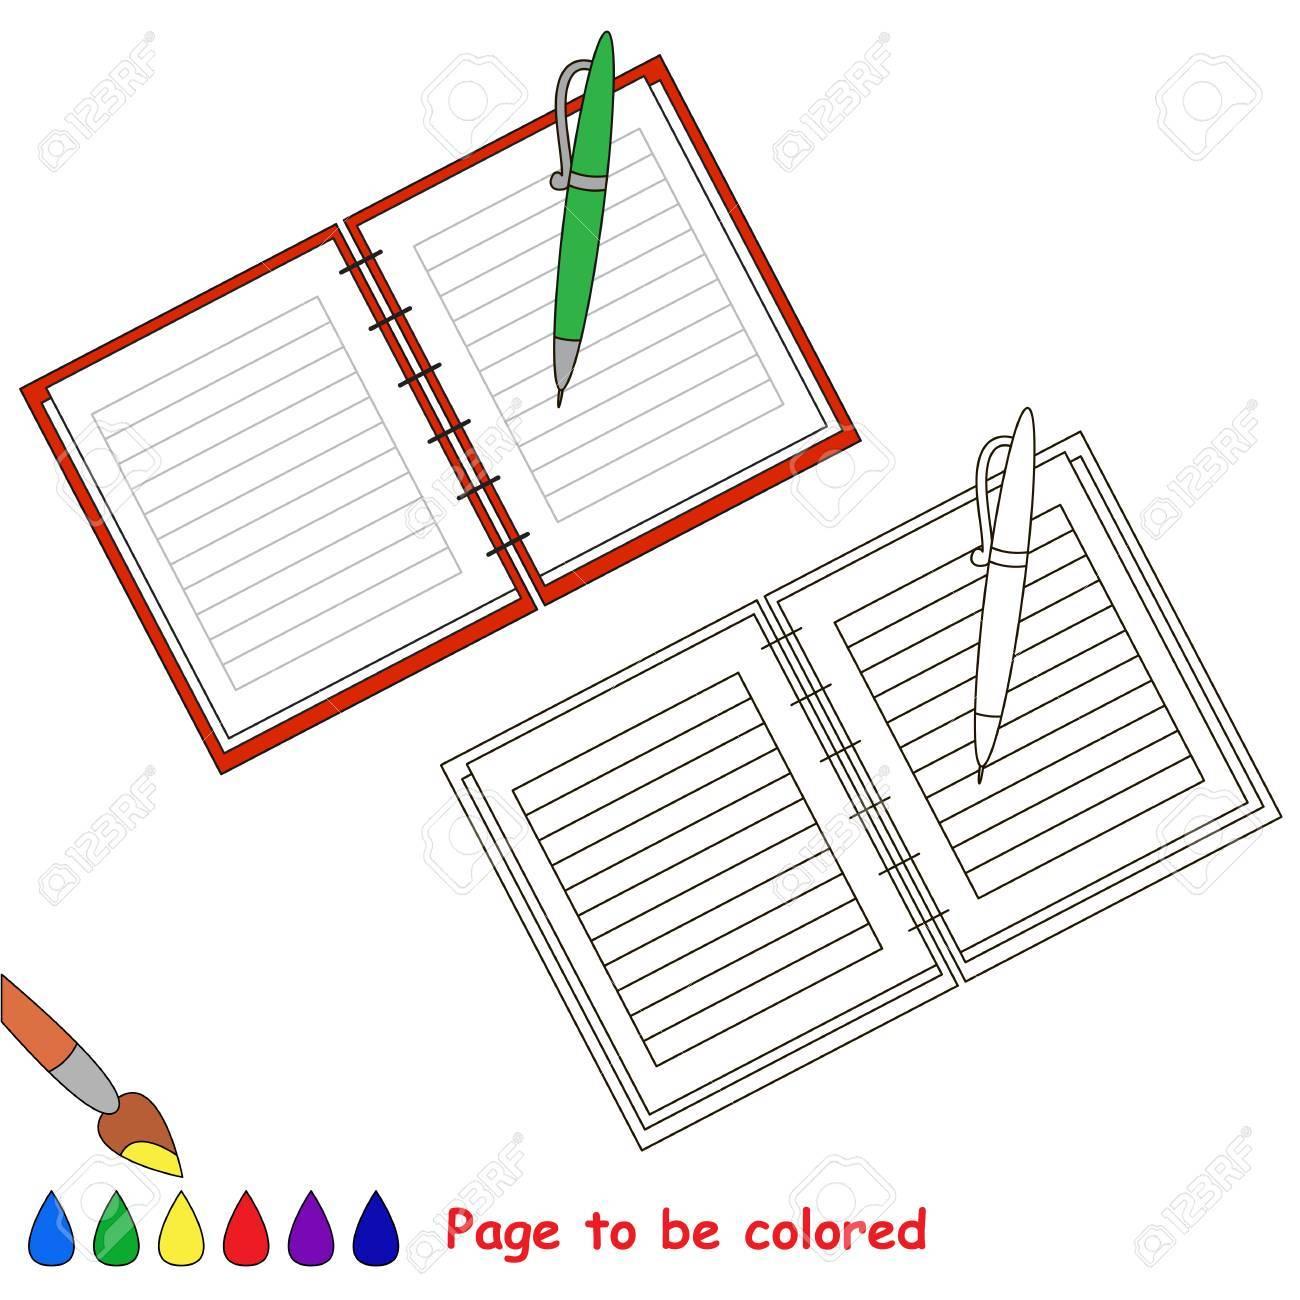 コピーブックに色レベルが簡単な教育ゲーム就学前の子供のための塗り絵